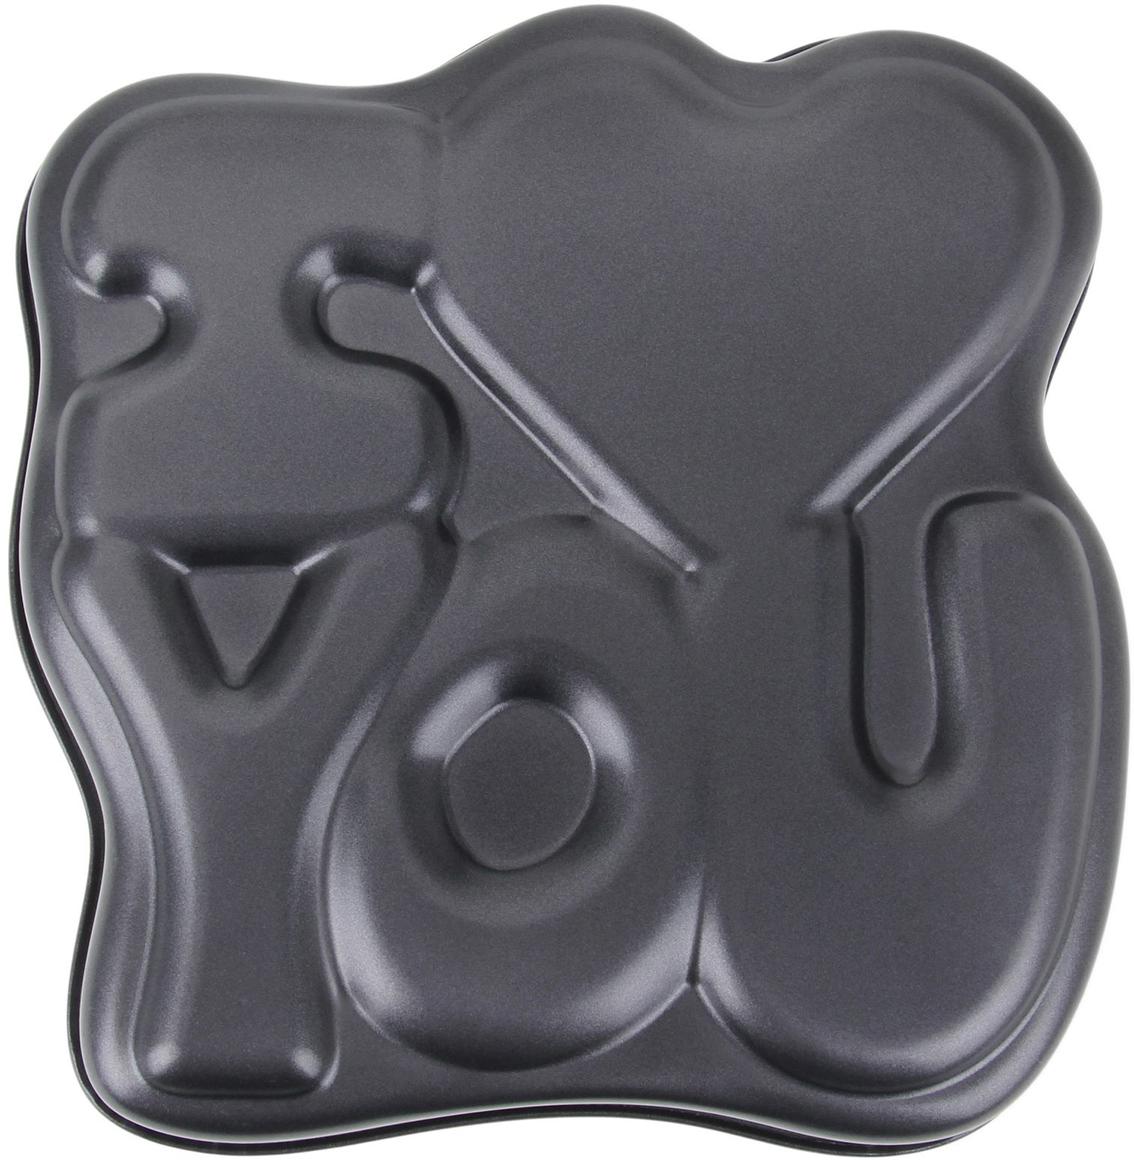 Форма для выпечки Доляна I love you, с антипригарным покрытием, 28 х 28 х 5 см1262294Оригинальная форма с антипригарным покрытием пригодится каждому повару, который привык готовить быстро, вкусно и...красиво. Достоинства предмета Материал — углеродистая сталь — отличается особой прочностью и сохраняет все эксплуатационные свойства при температуре до +450 °С. Эффективное теплораспределение ускоряет процесс готовки. Антипригарное покрытие оберегает блюда от пригорания и сокращает расход масла. Поверхность не впитывает запахов и не вступает в реакции с продуктами питания. Форма легко отмывается. При аккуратном использовании изделие прослужит долгие годы. Рекомендуется избегать применения металлических предметов, губок и высокоабразивных моющих средств. Перед первым использованием тщательно промойте форму.